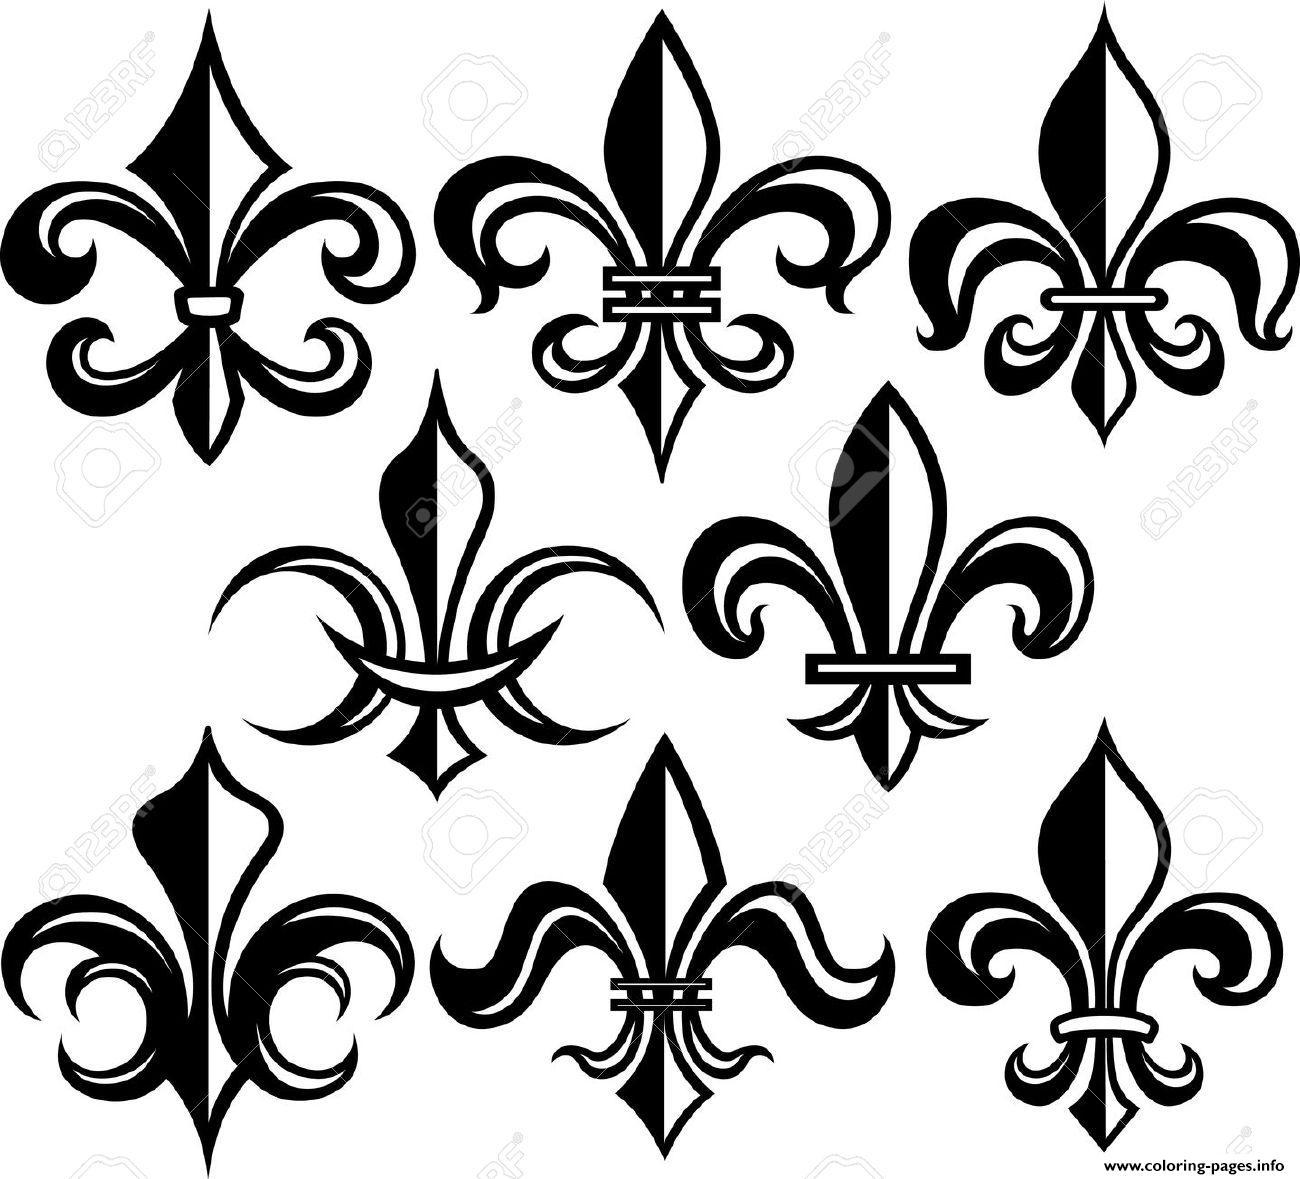 fleur de lis coloring pages - fleur de lis new orleans stock vector coloring pages printable